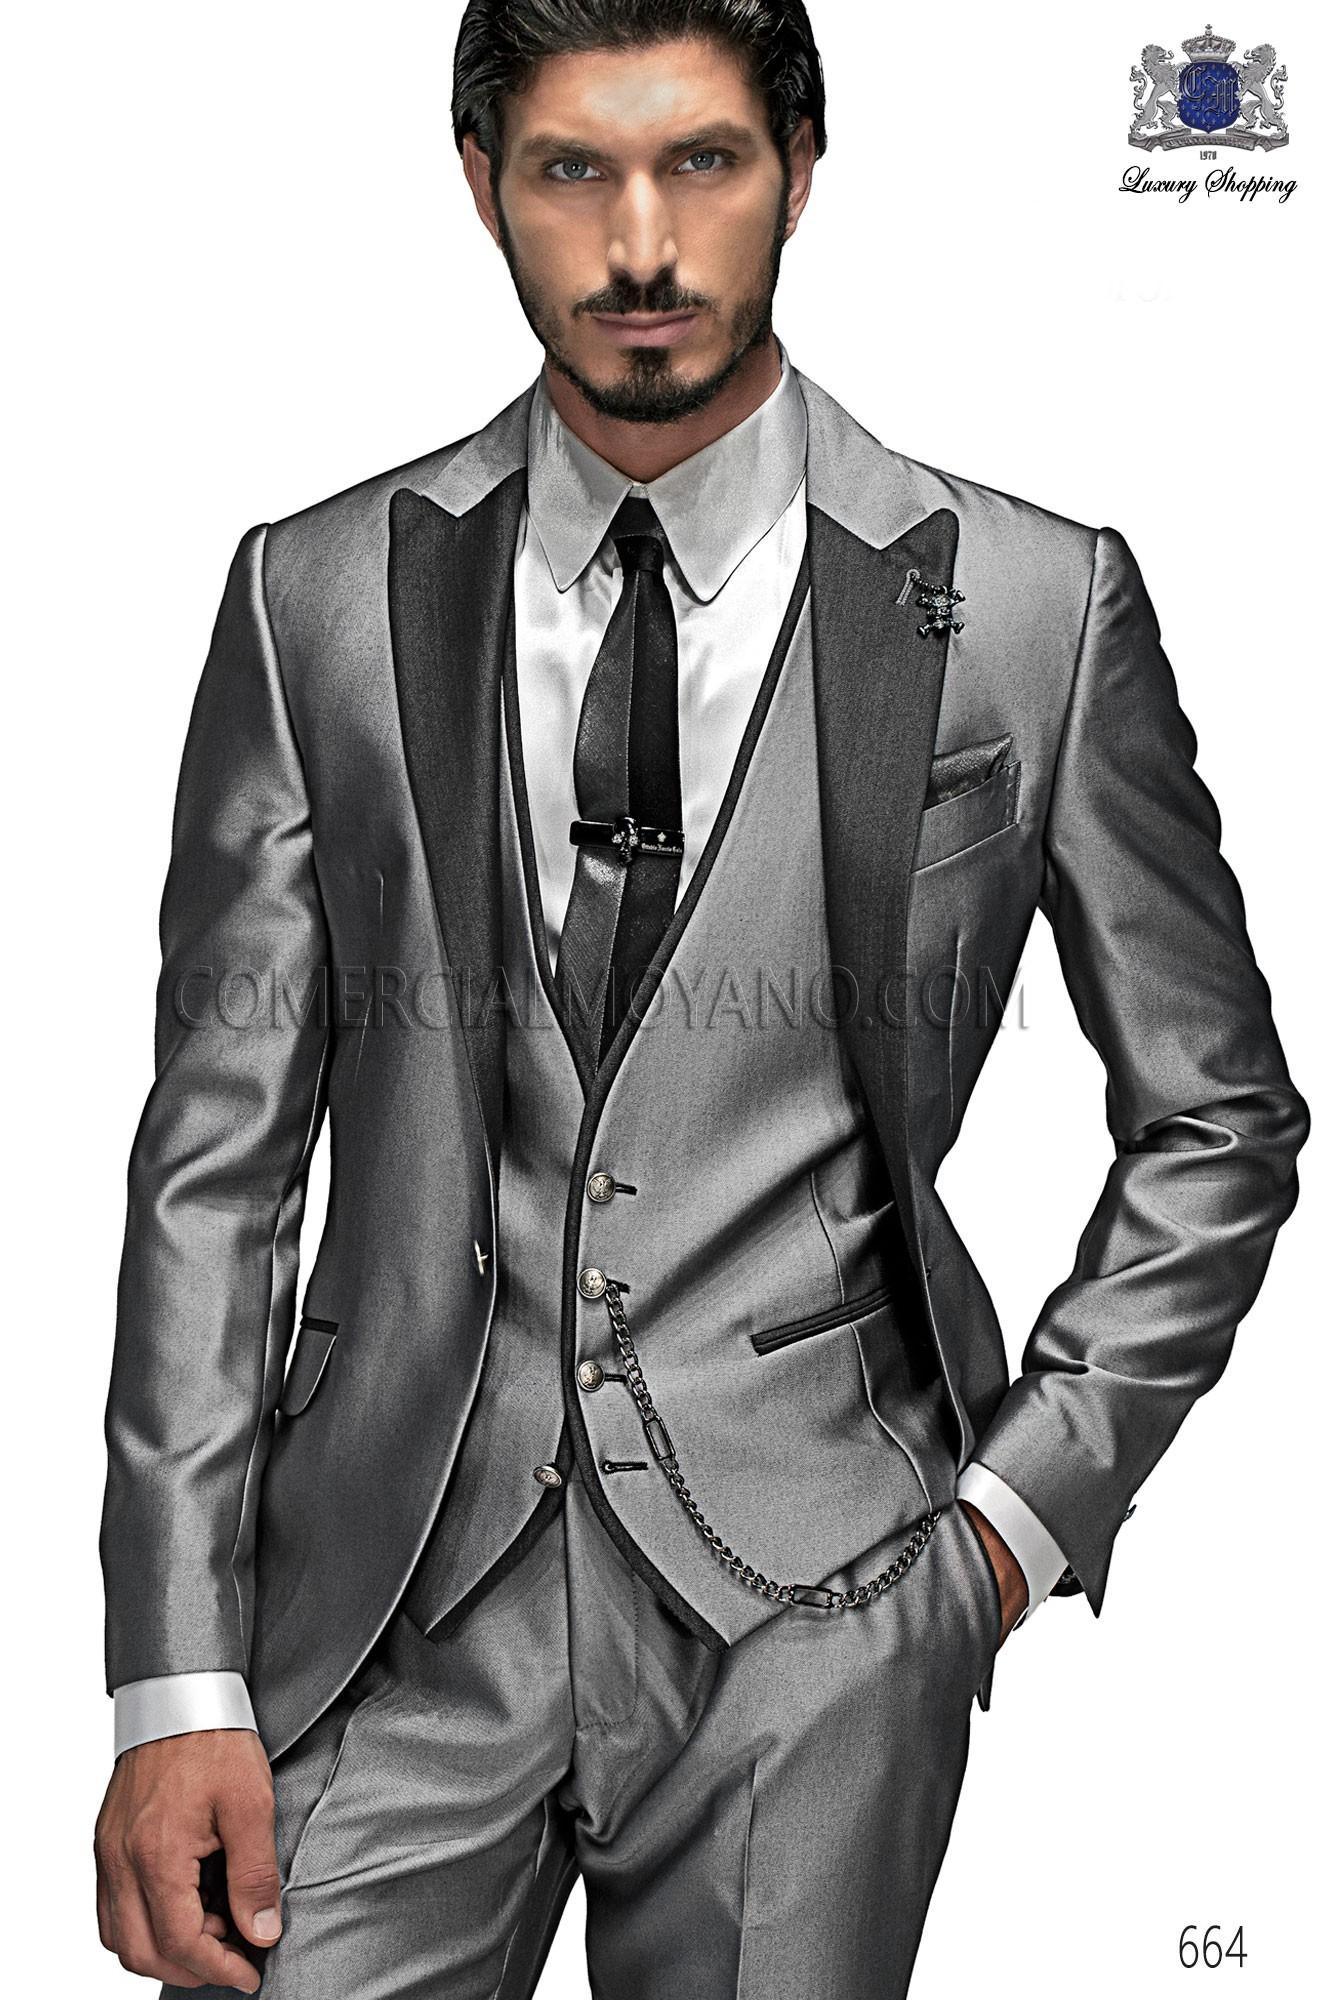 Traje de moda hombre gris modelo: 664 Ottavio Nuccio Gala colección Emotion